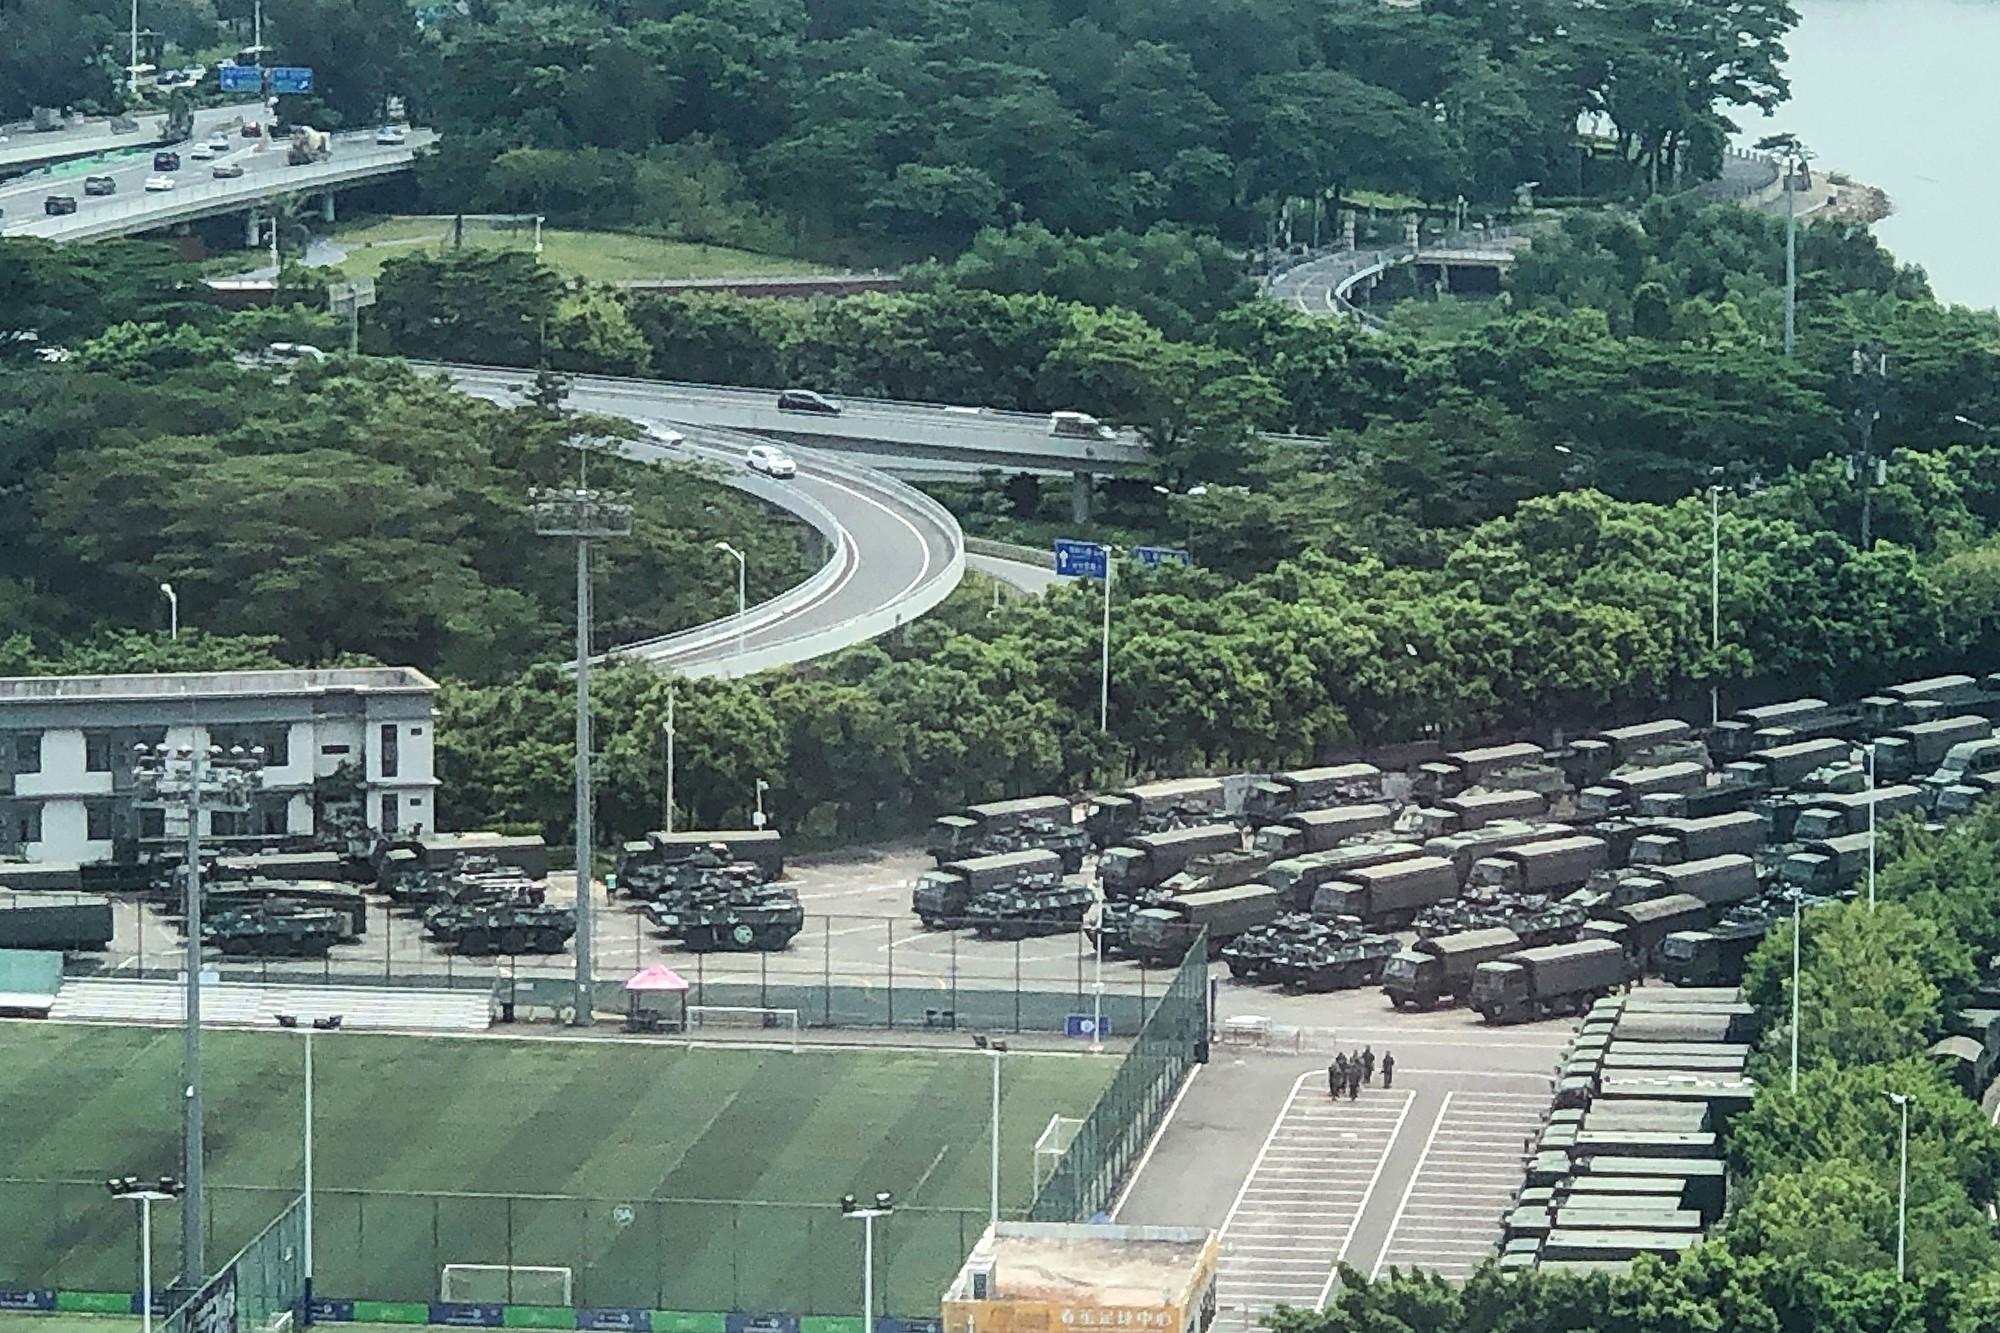 深圳灣體育中心外面停著大批裝甲車與卡車。(STR/AFP/Getty Images)